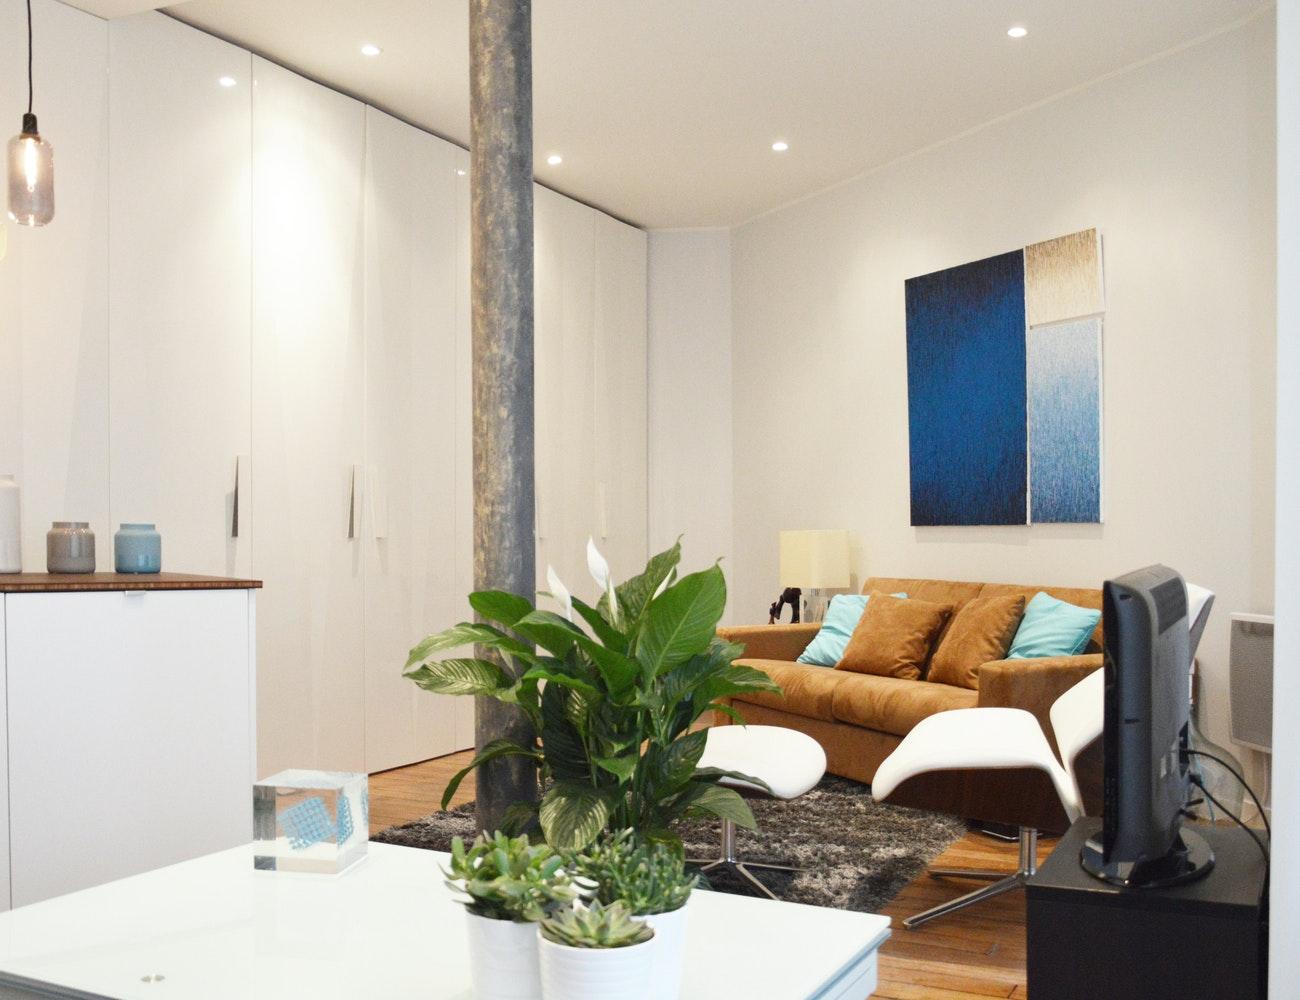 photo Rénovation appartement 32m2 Jean-Pierre Fuda